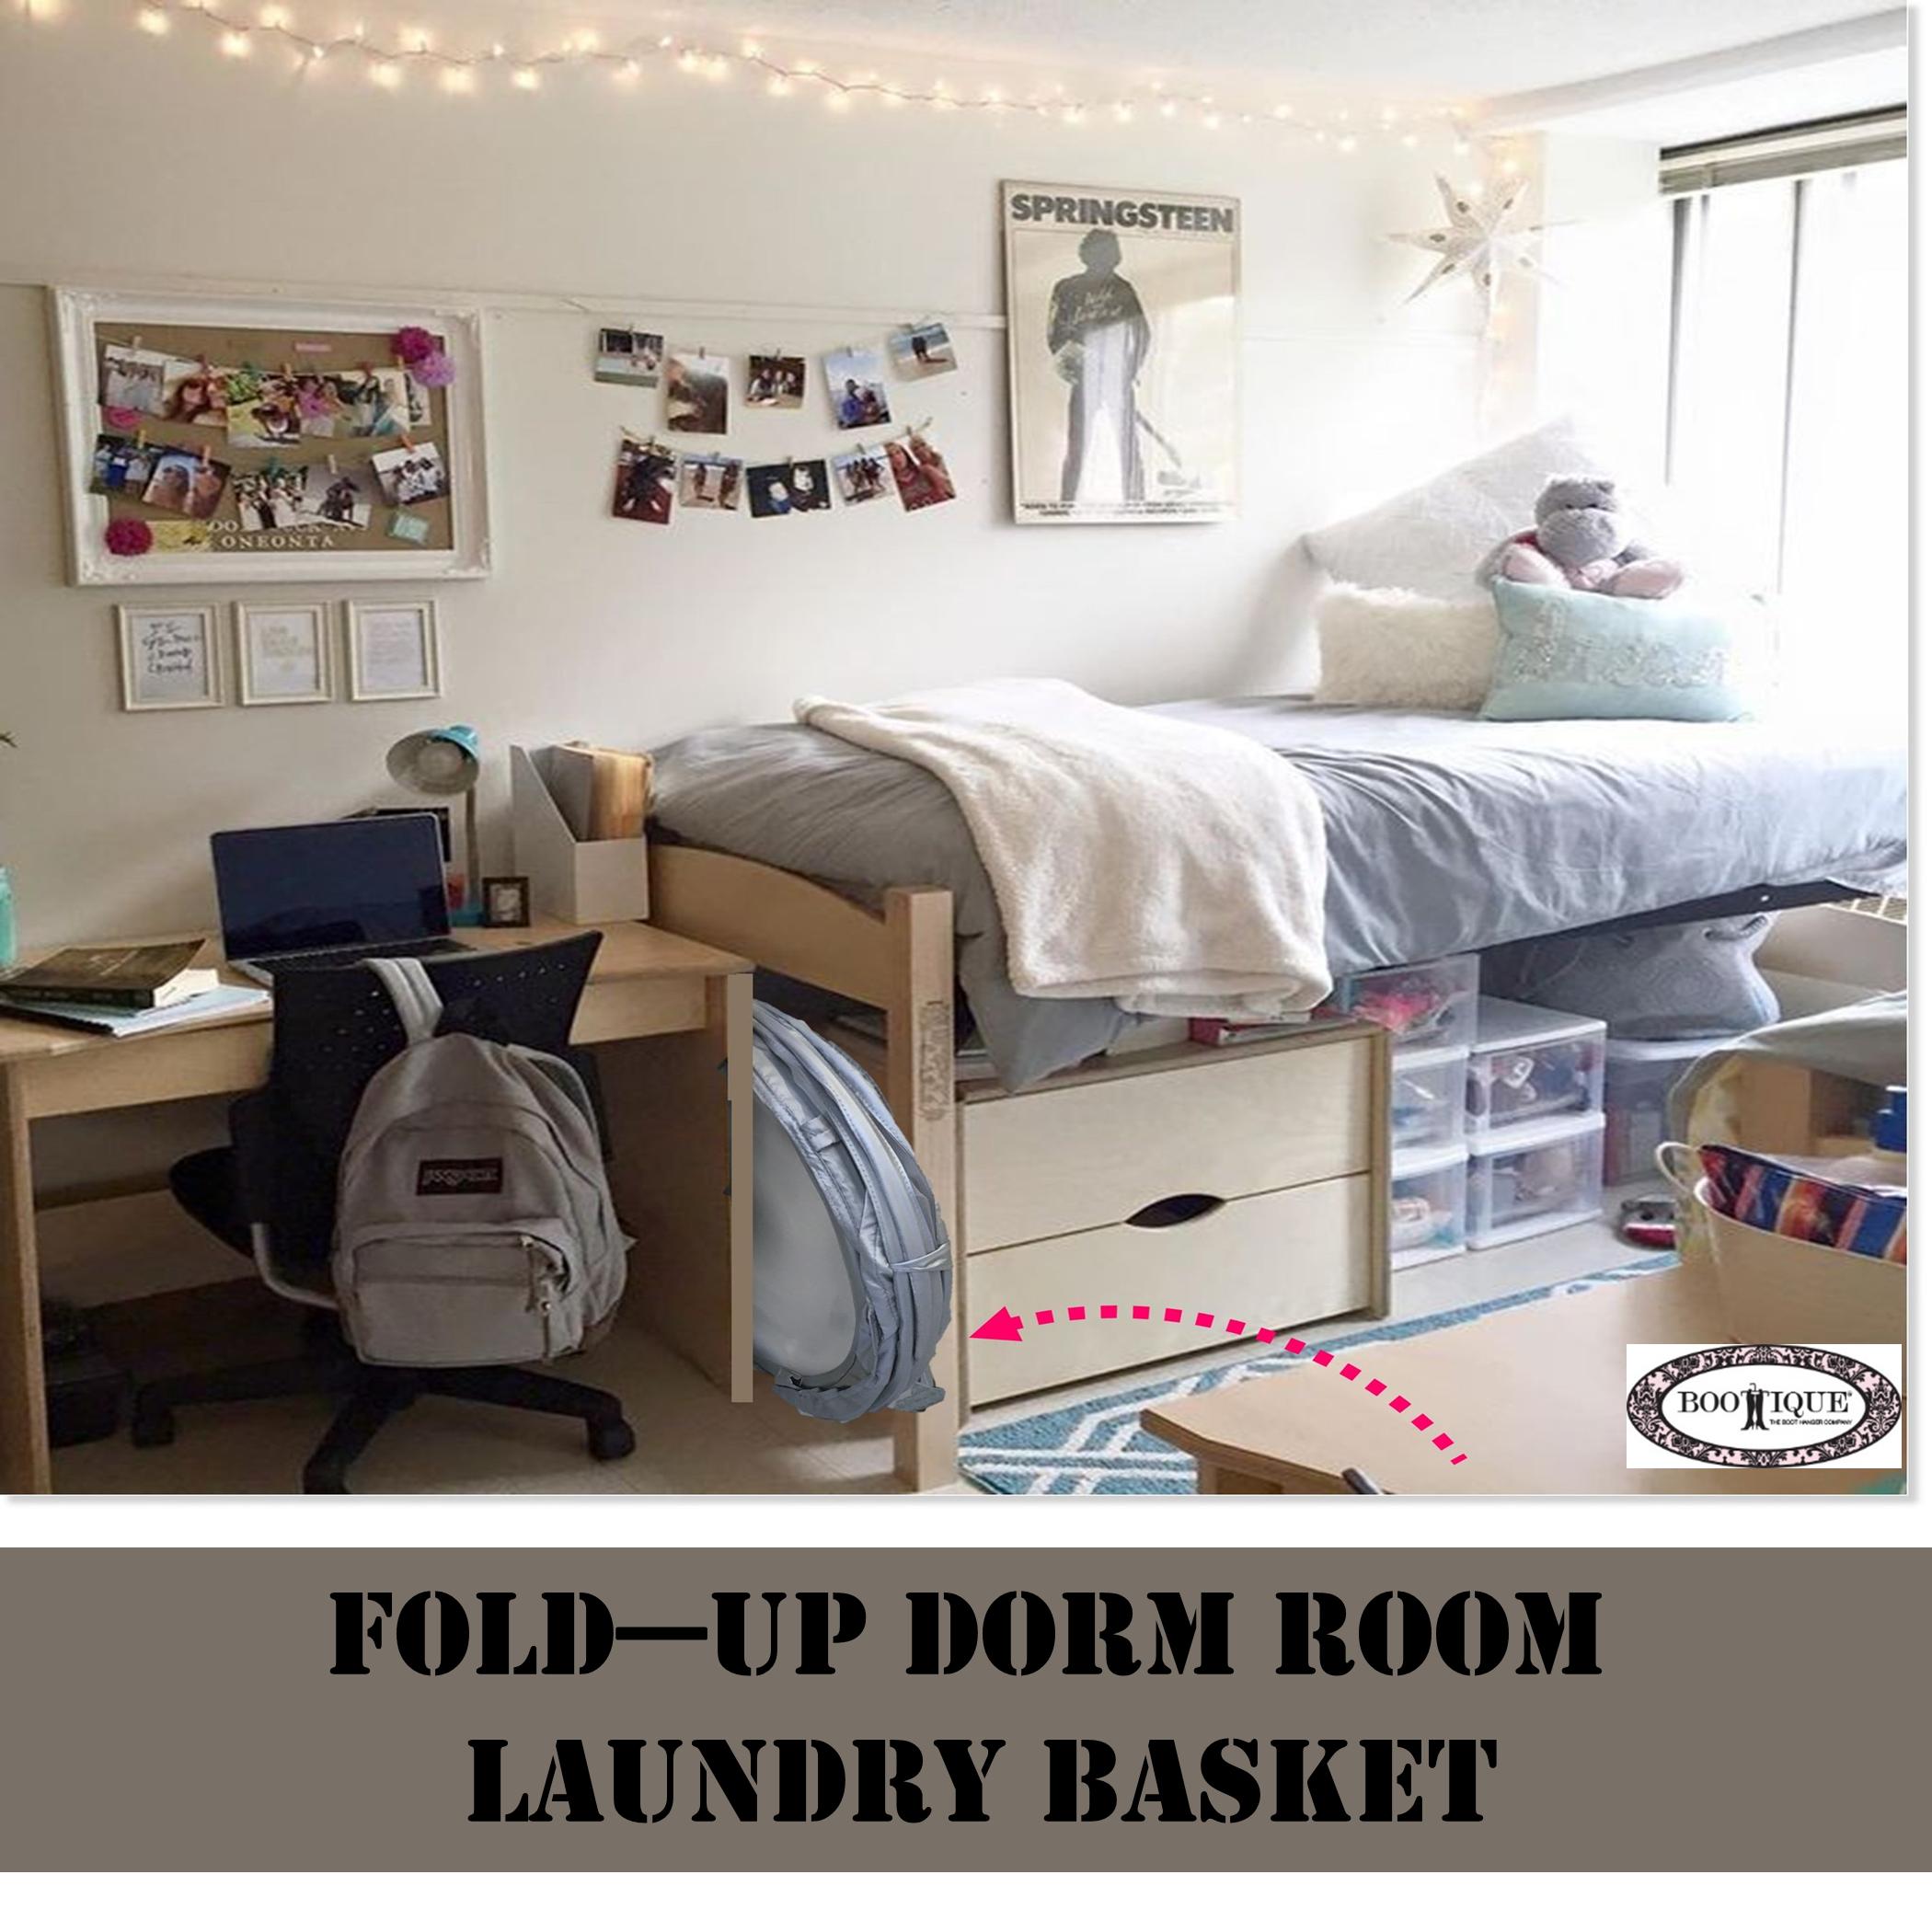 College Pop Up Laundry Basket Hamper Dorm Room Space Saving